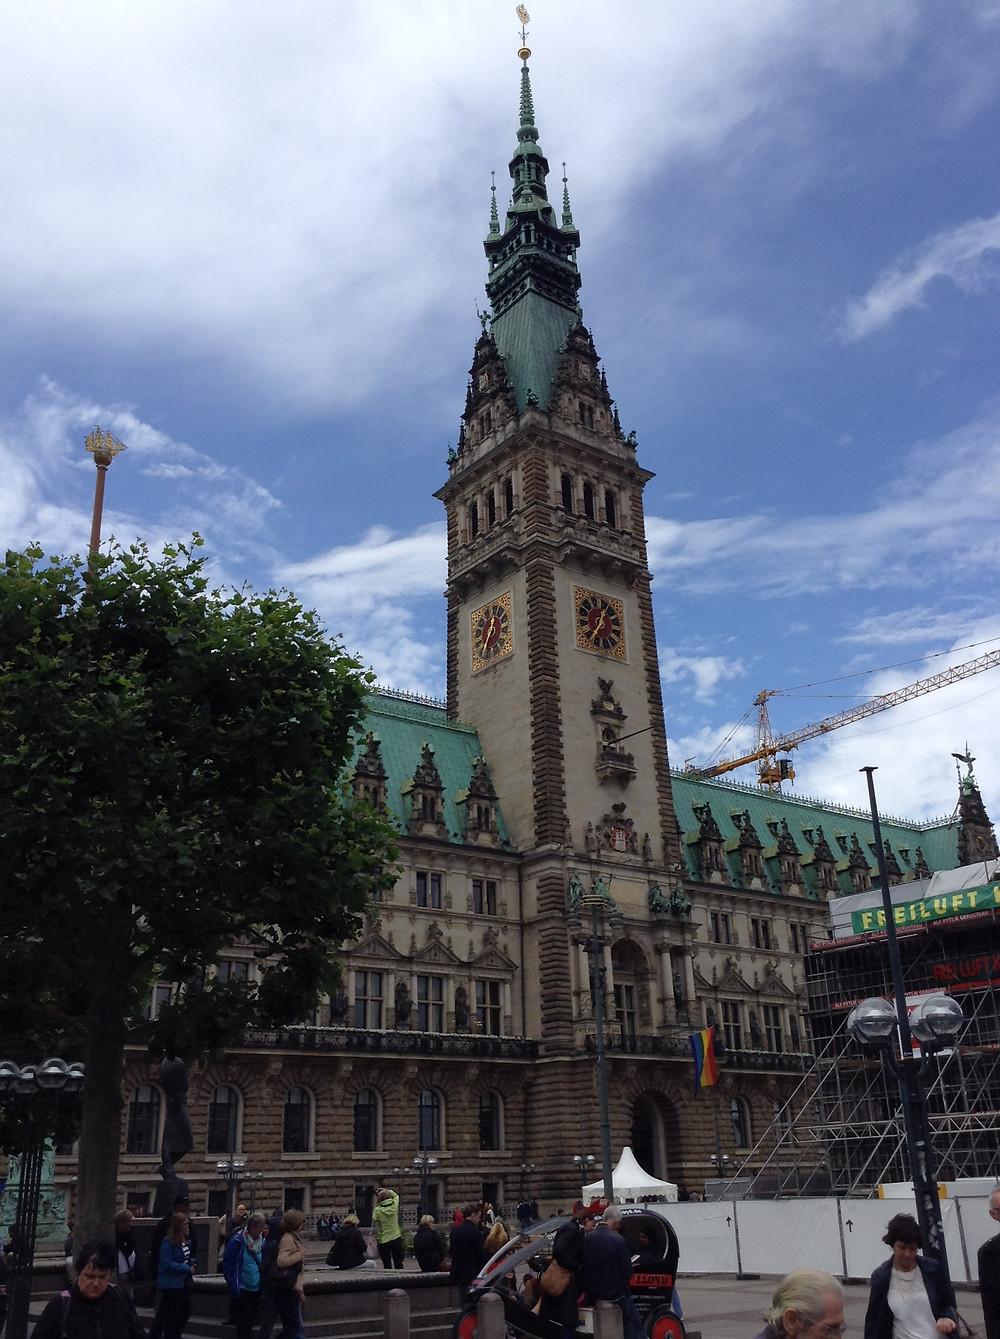 ハンブルク市庁舎